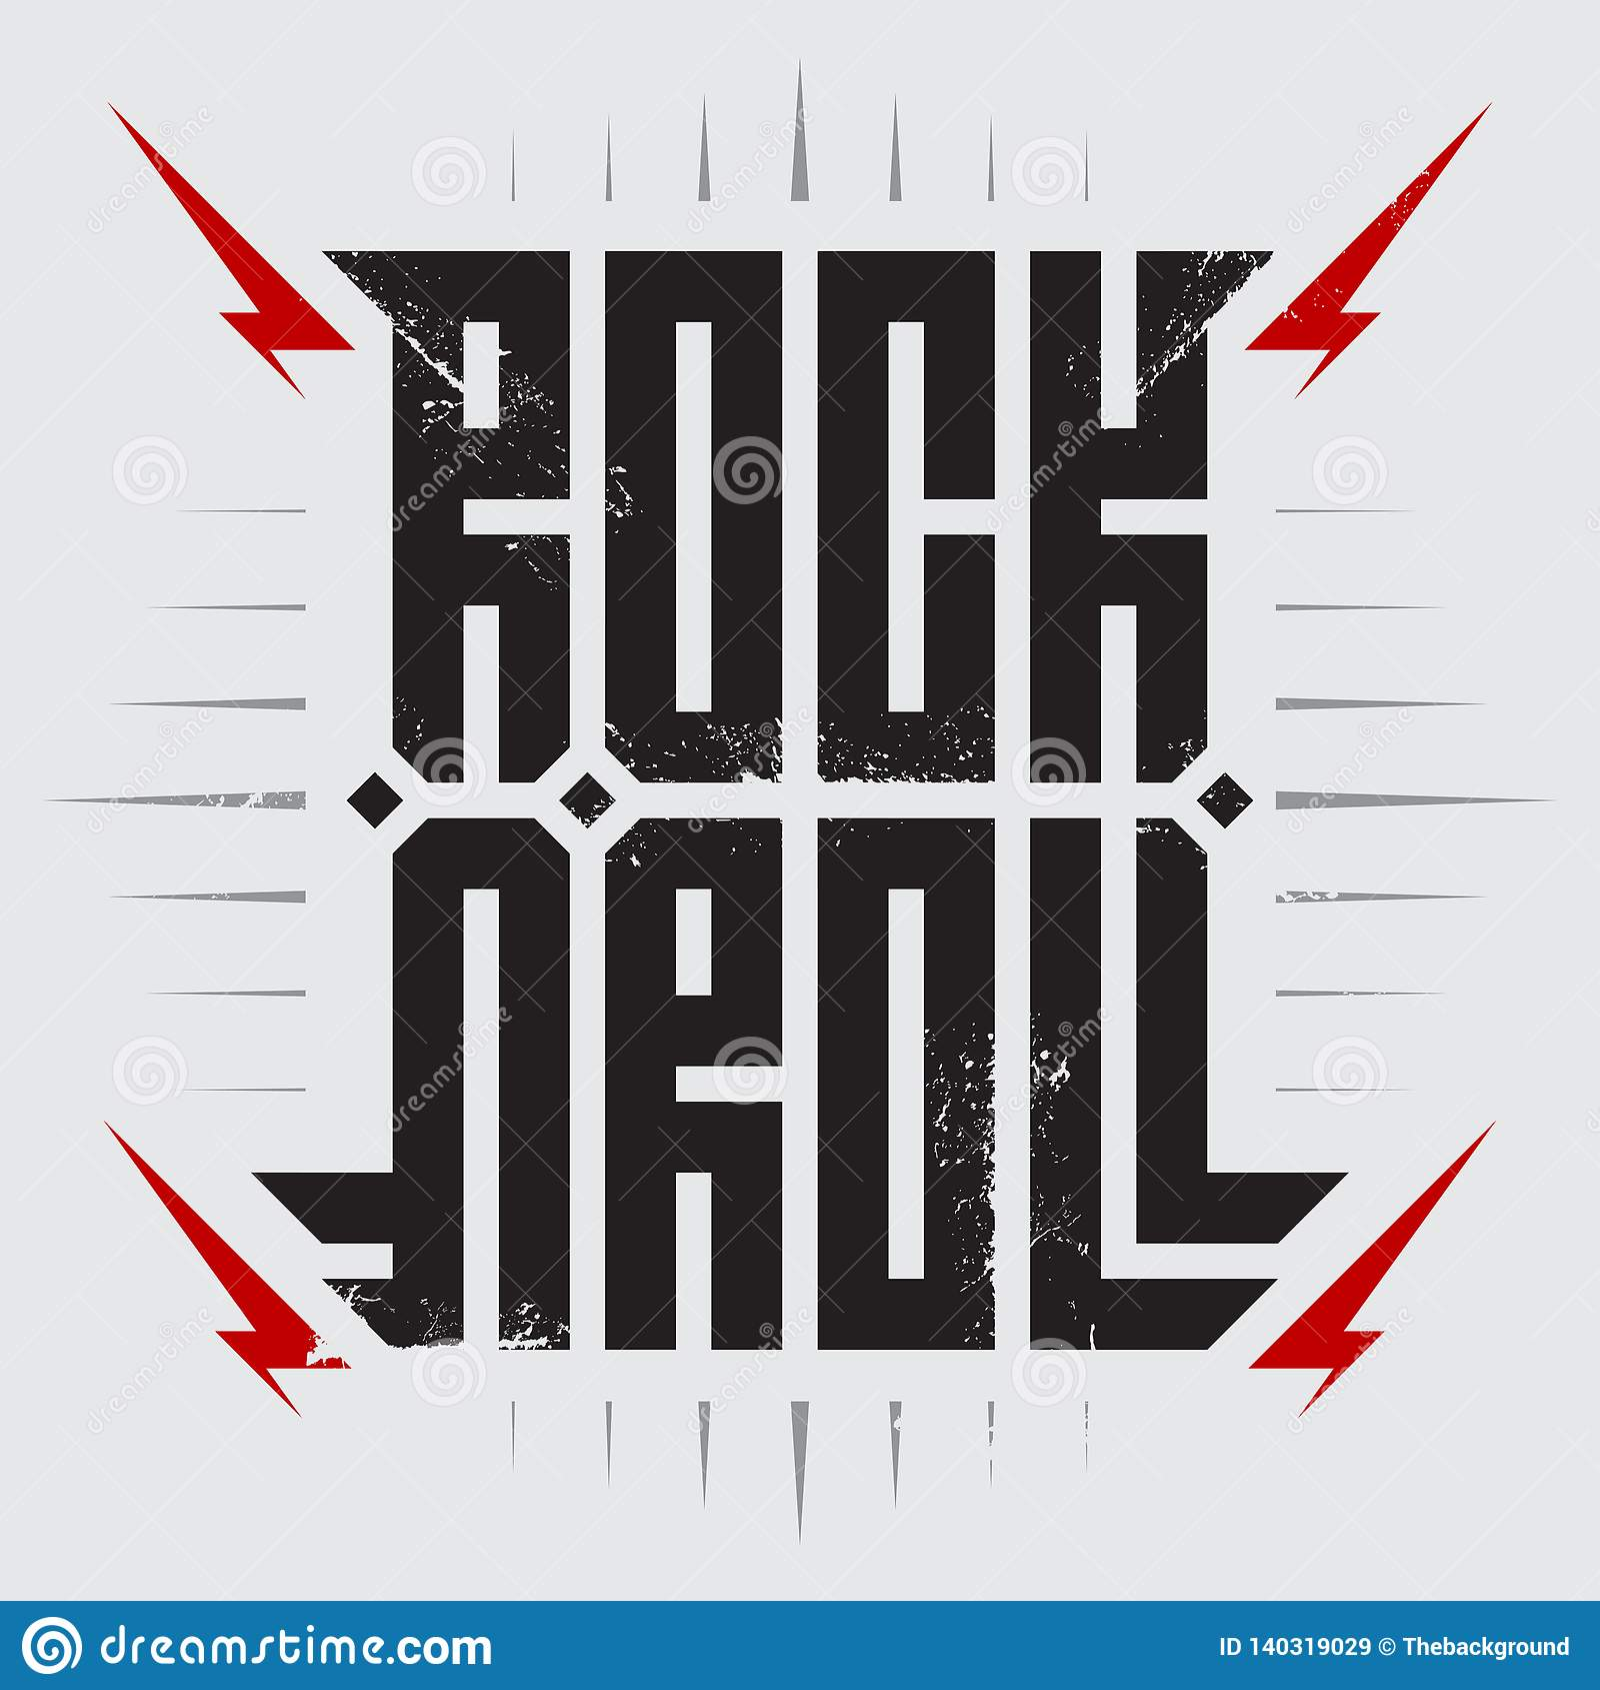 摇滚乐-与红色闪电的音乐海报 摇滚乐- T恤杉设计 T恤杉服装冷却印刷品